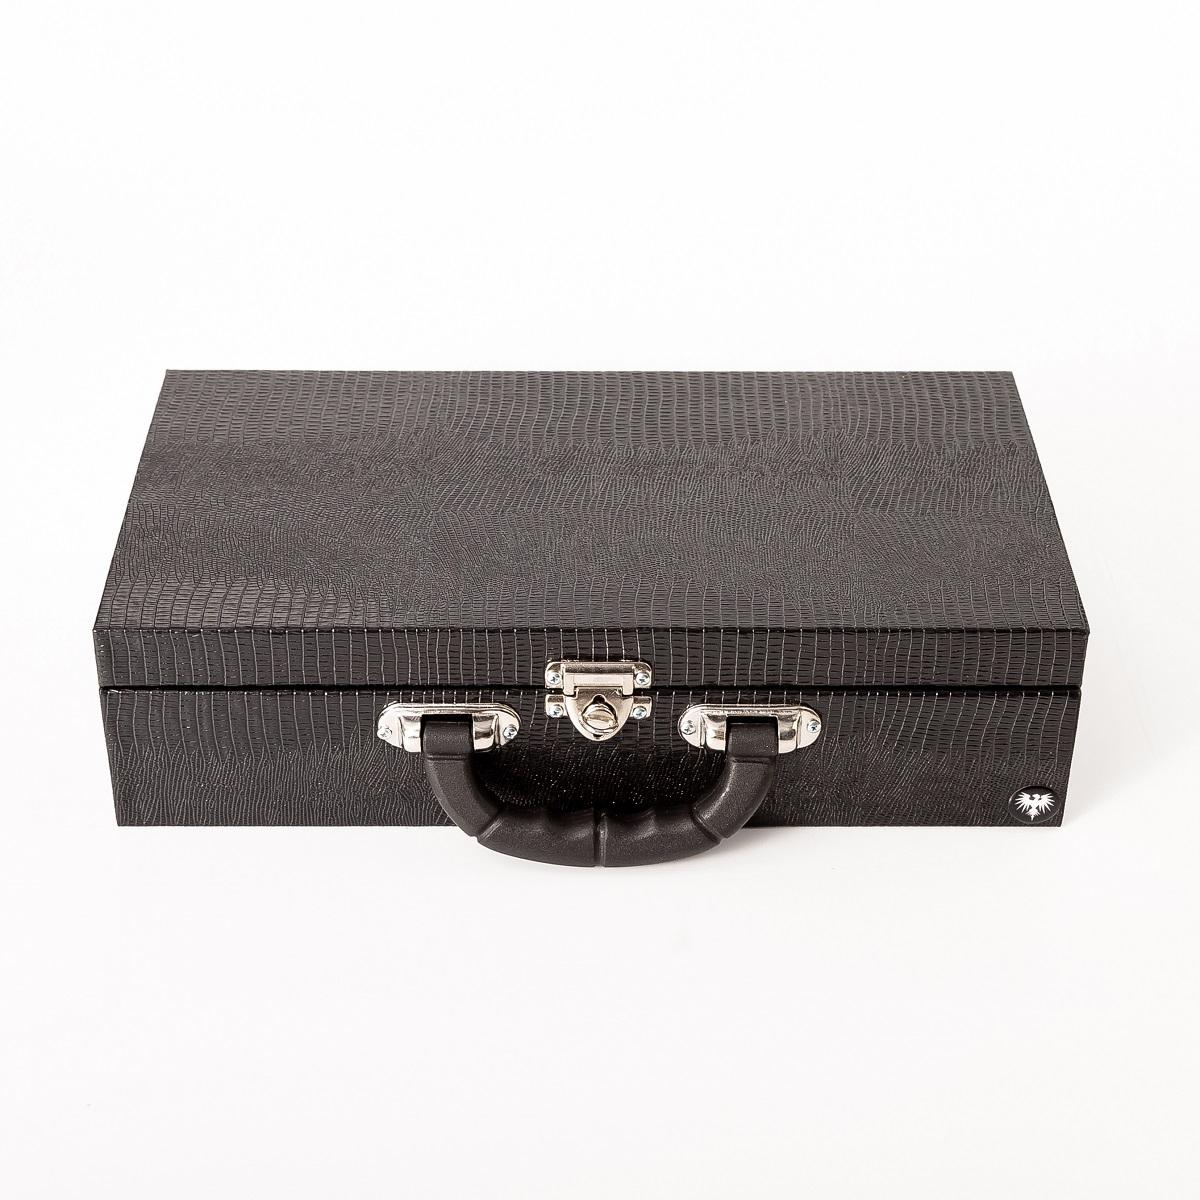 maleta-porta-relogio-12-nichos-couro-ecologico-preto-vermelho-imagem-4.jpg